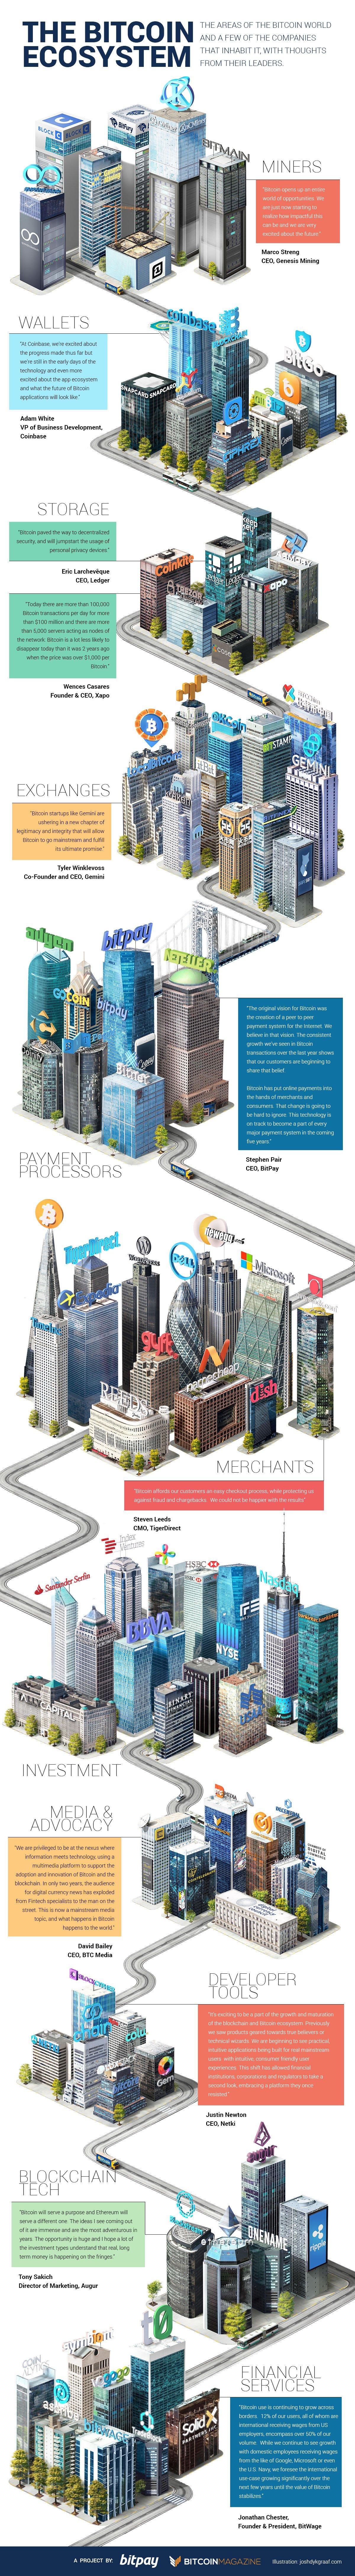 L'écosystème Bitcoin-Blockchain (infographie)